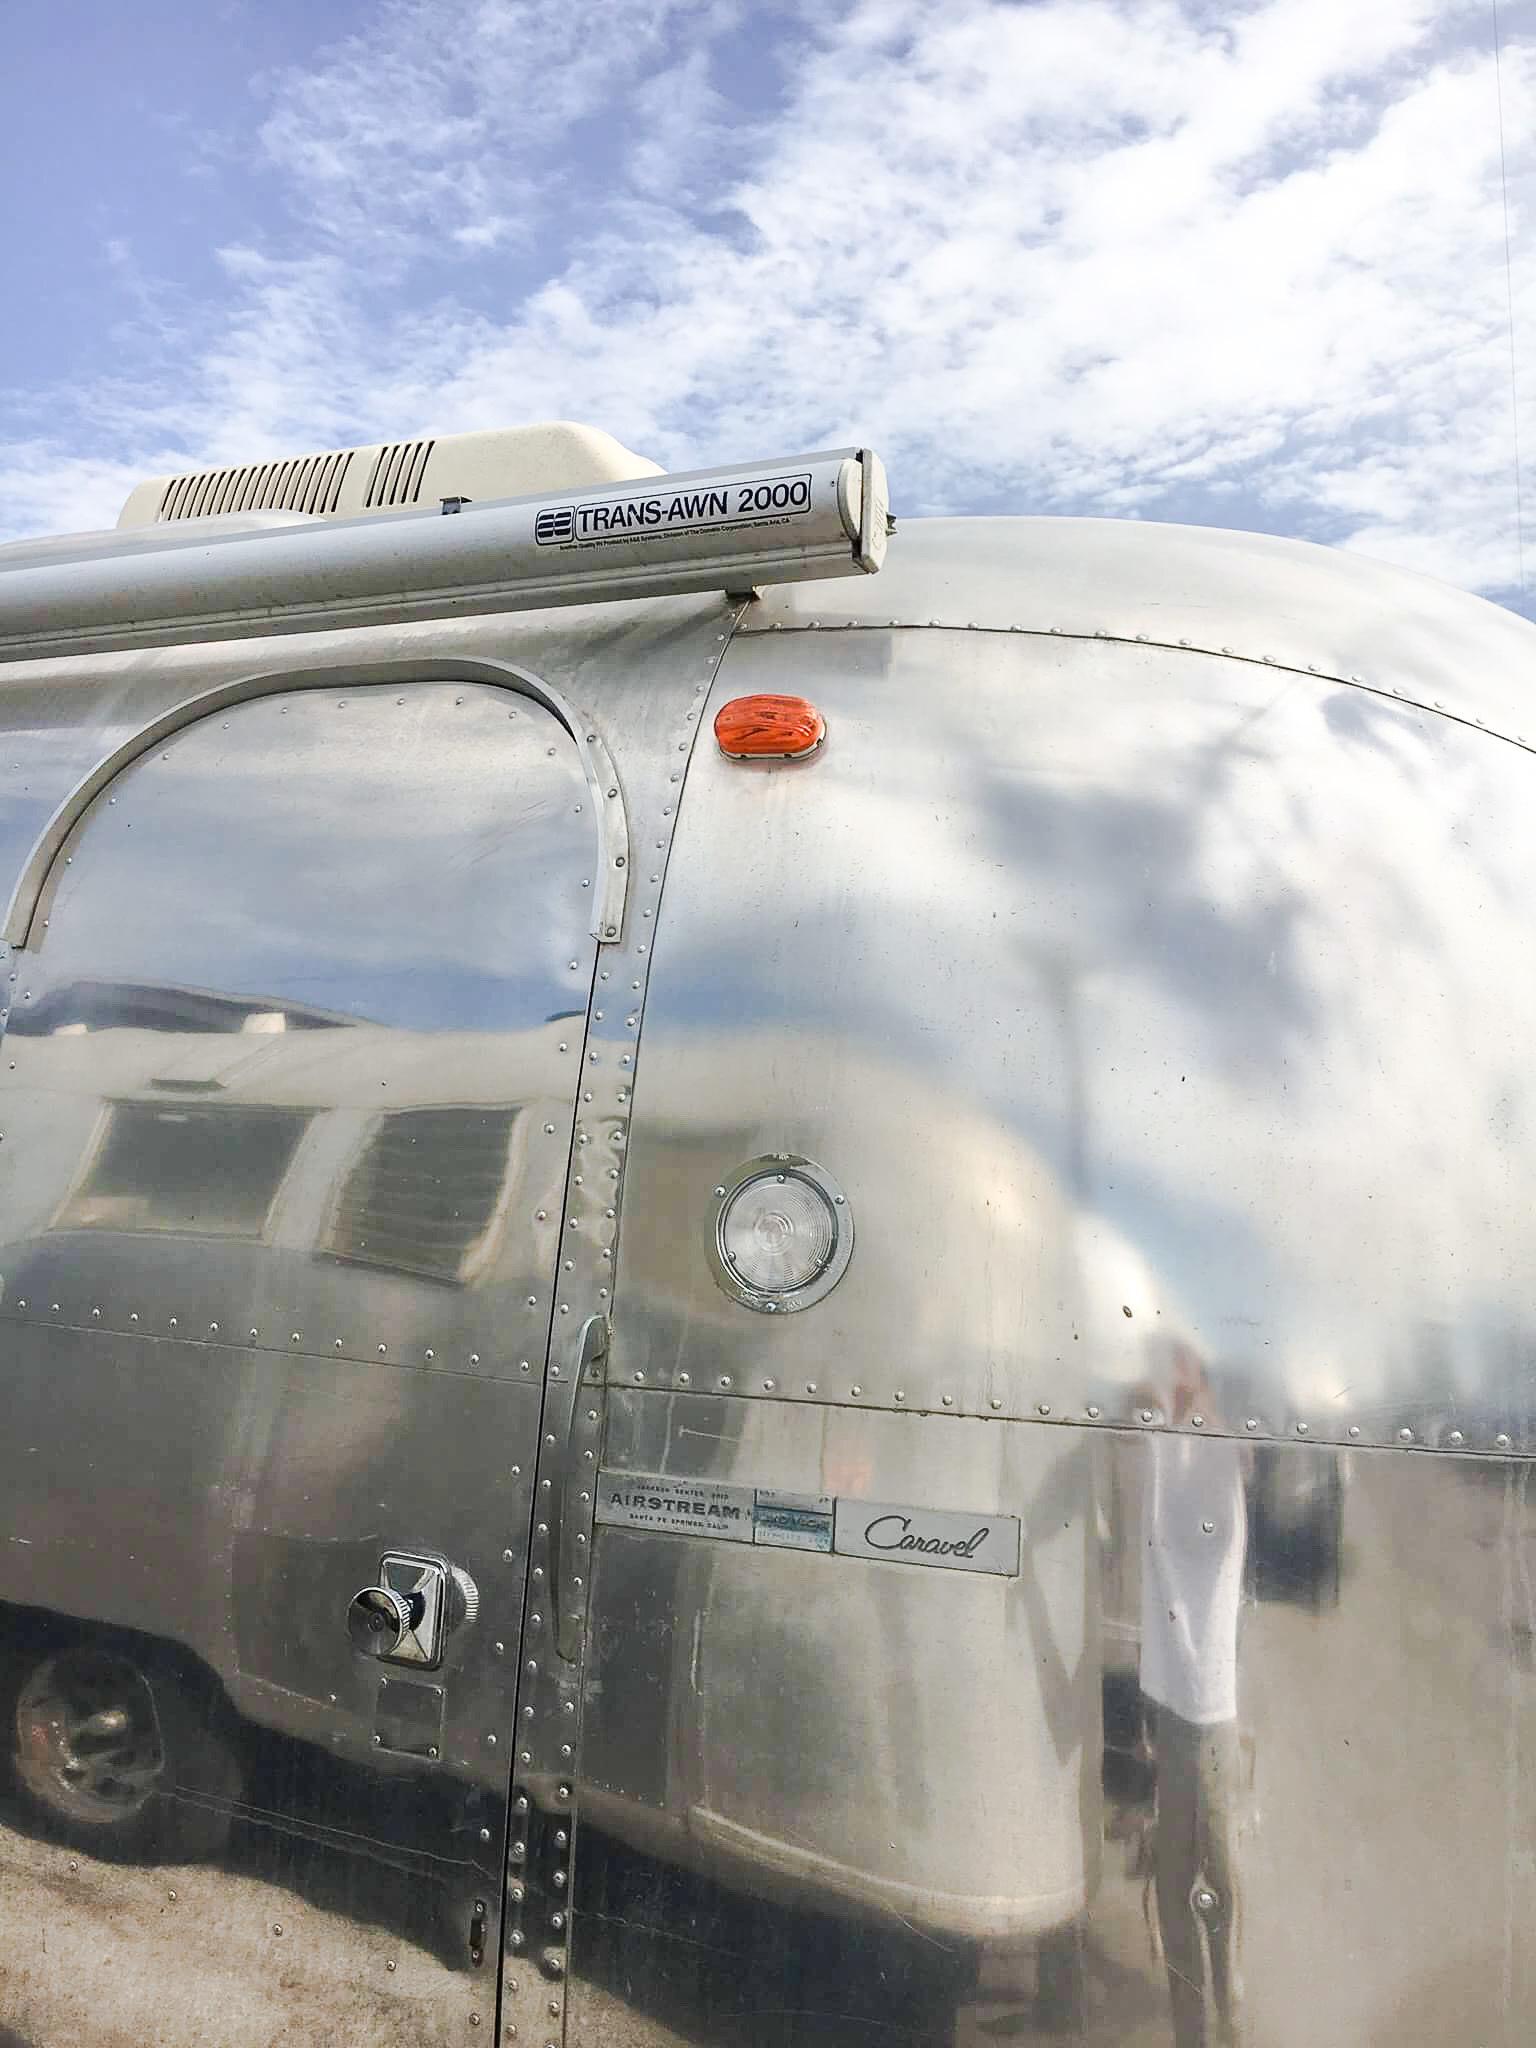 Airstream エアストリーム Caravel C&G  A&E_d0081605_03292821.jpg